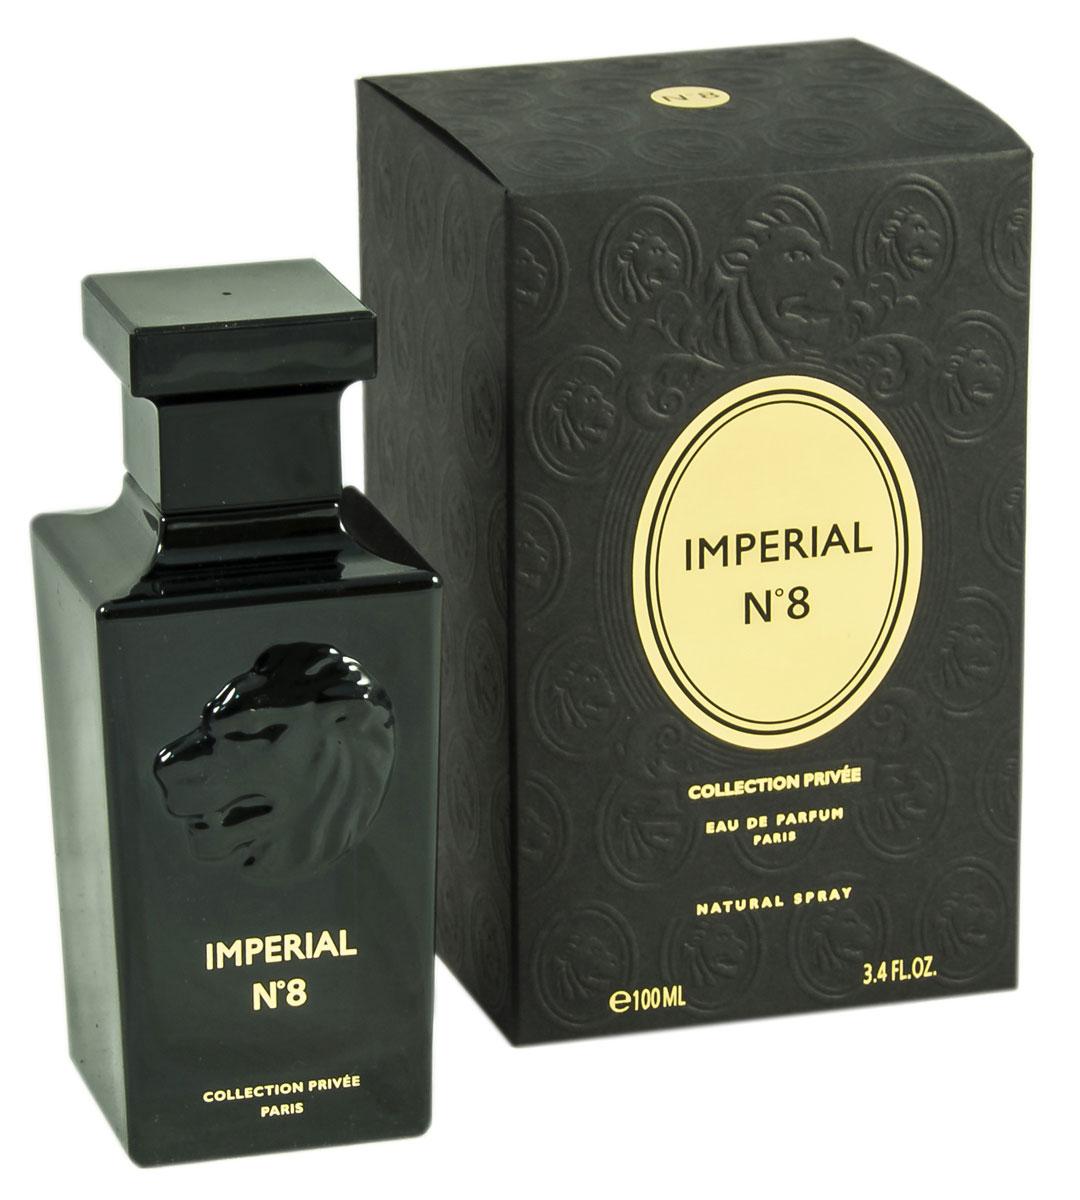 Geparlys Туалетная вода Imperial Noir № 8 Privee, 100 мл3700134409003Потрясающий аромат адресован уверенным и успешным мужчинам, которые могут быть элегантными и строгими, но вместе с тем непредсказуемыми и легкомысленными. Сначала раскрывается шалфей, лаванда, бергамот и ирис, затем чувствуется амбра и какао-бобы, а ноты шлейфа имеют древесный характер. Начальная нота: шалфей, лаванда, бергамот. Нота сердца: пудровый аккорд, итальянский ирис, бобы какао, амбра. Конечная нота: ветивер с Гаити, индонезийские пачули, нота кожи.Краткий гид по парфюмерии: виды, ноты, ароматы, советы по выбору. Статья OZON Гид